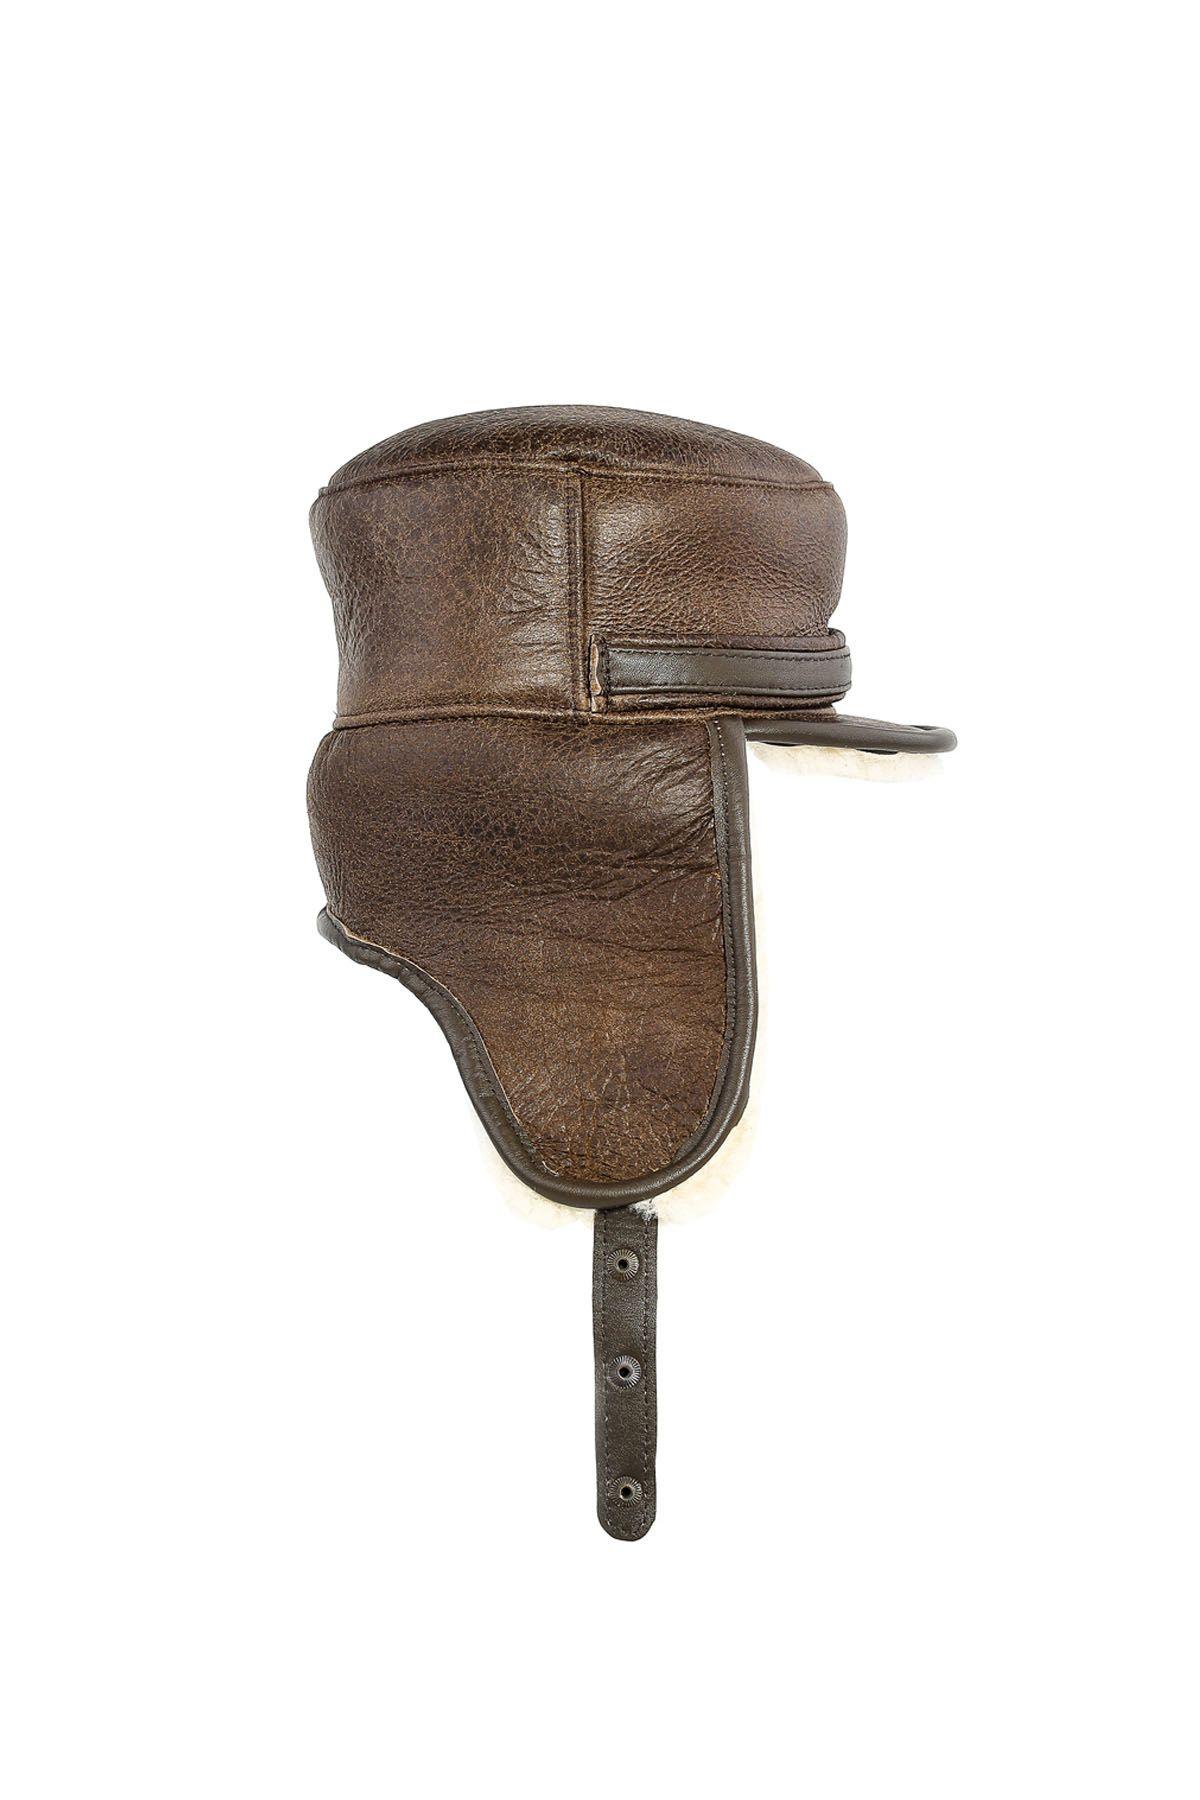 Pegia Hakiki Vintage Deri Kulaklıklı Şapka 18AS14 Kahve